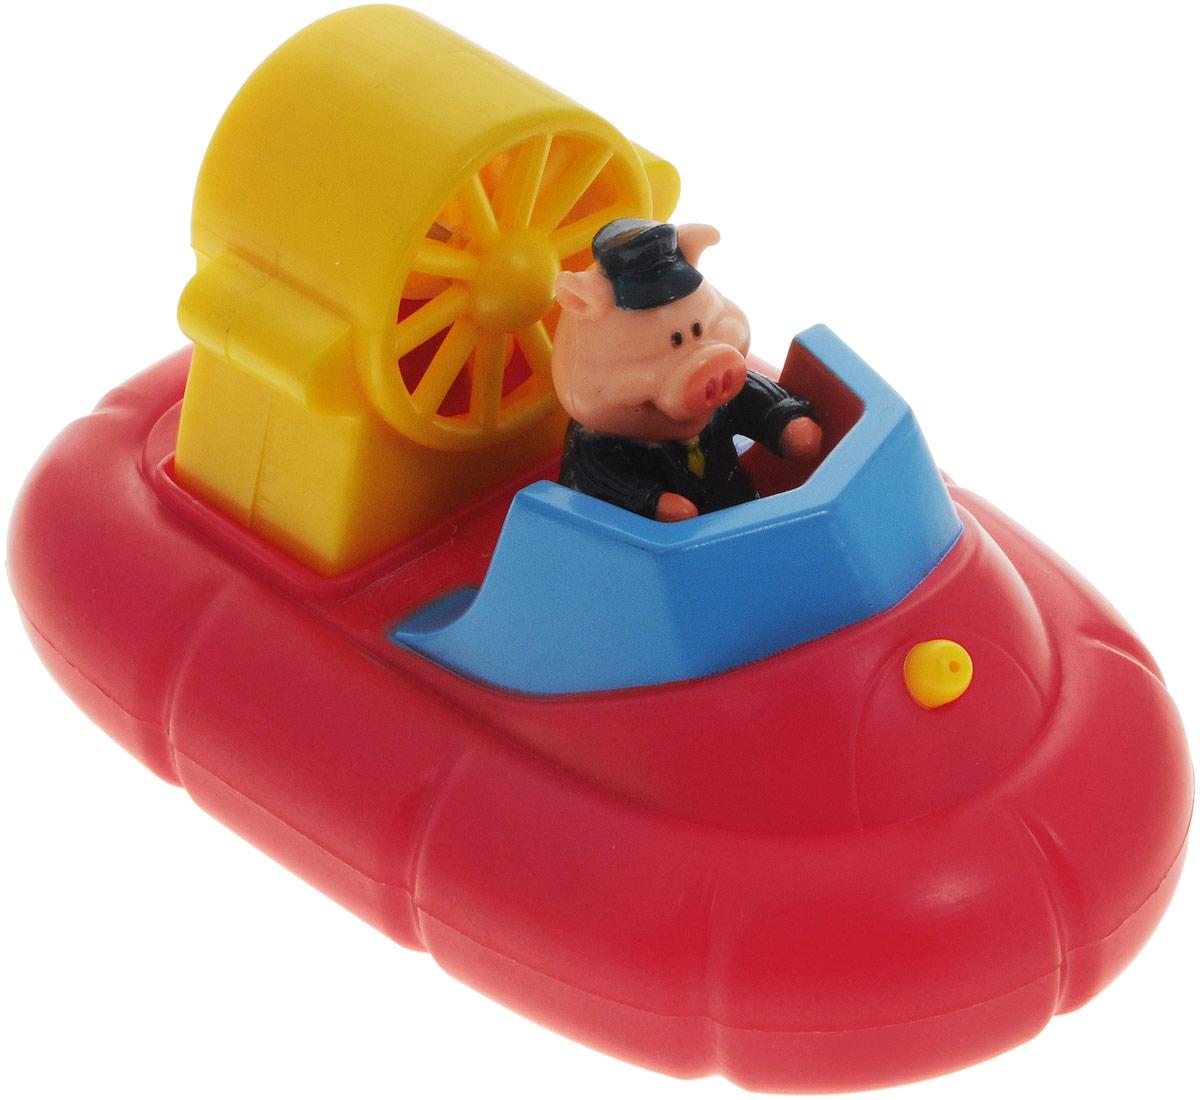 Жирафики Игрушка для ванной Катер681121Игрушка для ванной Жирафики Катер привлечет внимание вашего малыша и не позволит ему скучать. Игрушка выполнена в виде судна на воздушной подушке со свинкой-пилотом. Игрушка имеет встроенный заводной механизм, обеспечивающий вращение винта в днище судна, благодаря чему оно плывет вперед и брызгается водой. Выполненная из качественных материалов, игрушка будет радовать малыша долгое время. Игрушка способствует развитию мелкой моторики, сенсорного восприятия и воображения.